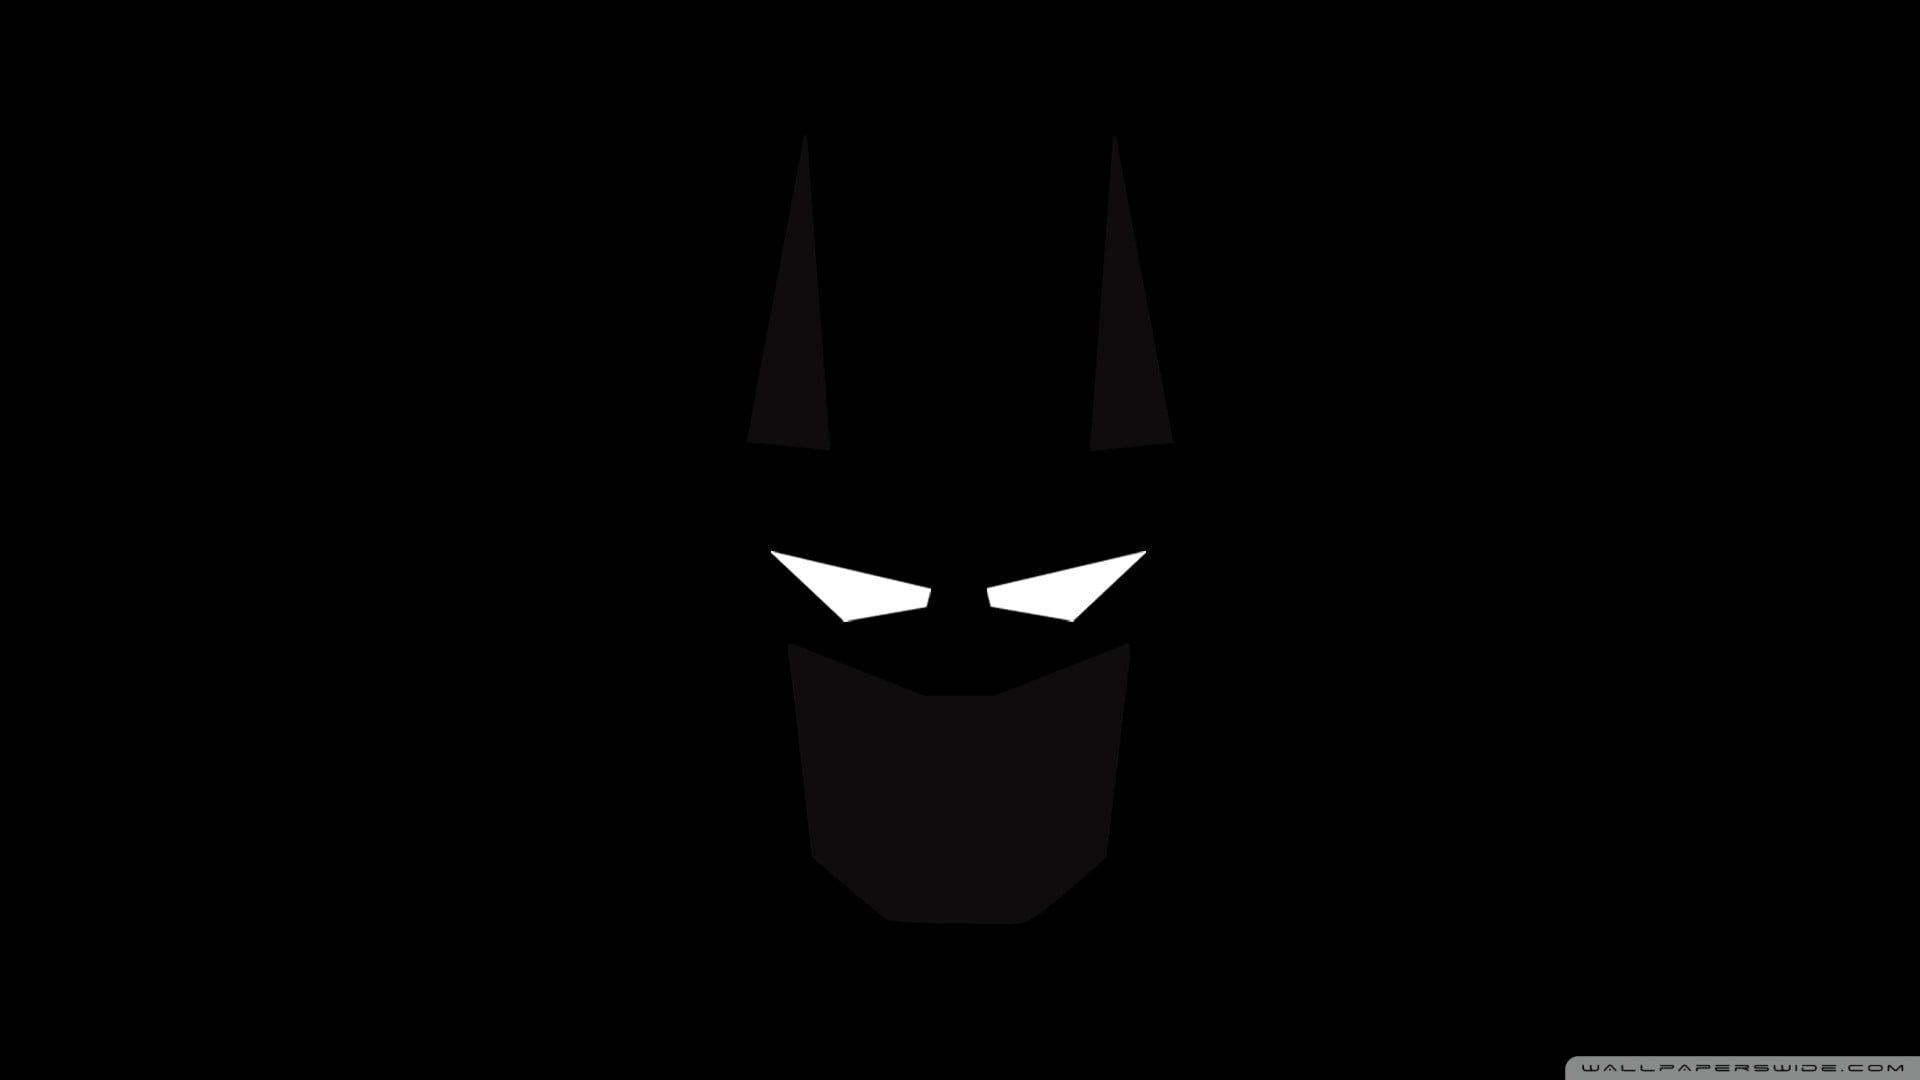 Batman Wallpaper Batman Minimalism 1080p Wallpaper Hdwallpaper Desktop In 2021 Batman Wallpaper Hd Batman Wallpaper Superman Wallpaper 1080p android mobile batman hd wallpaper